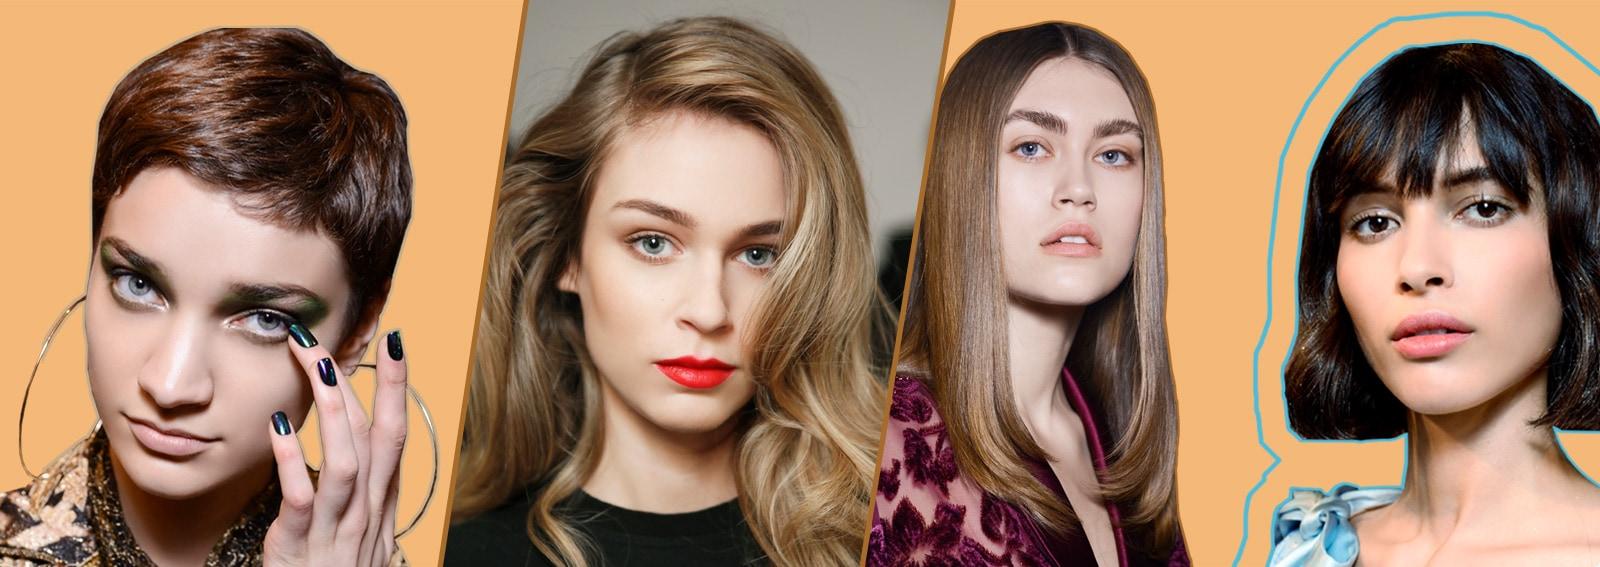 tagli capelli medi lunghi corti autunno inverno 2018 2019 DESKTOP_recap-capelli_AI_18_19